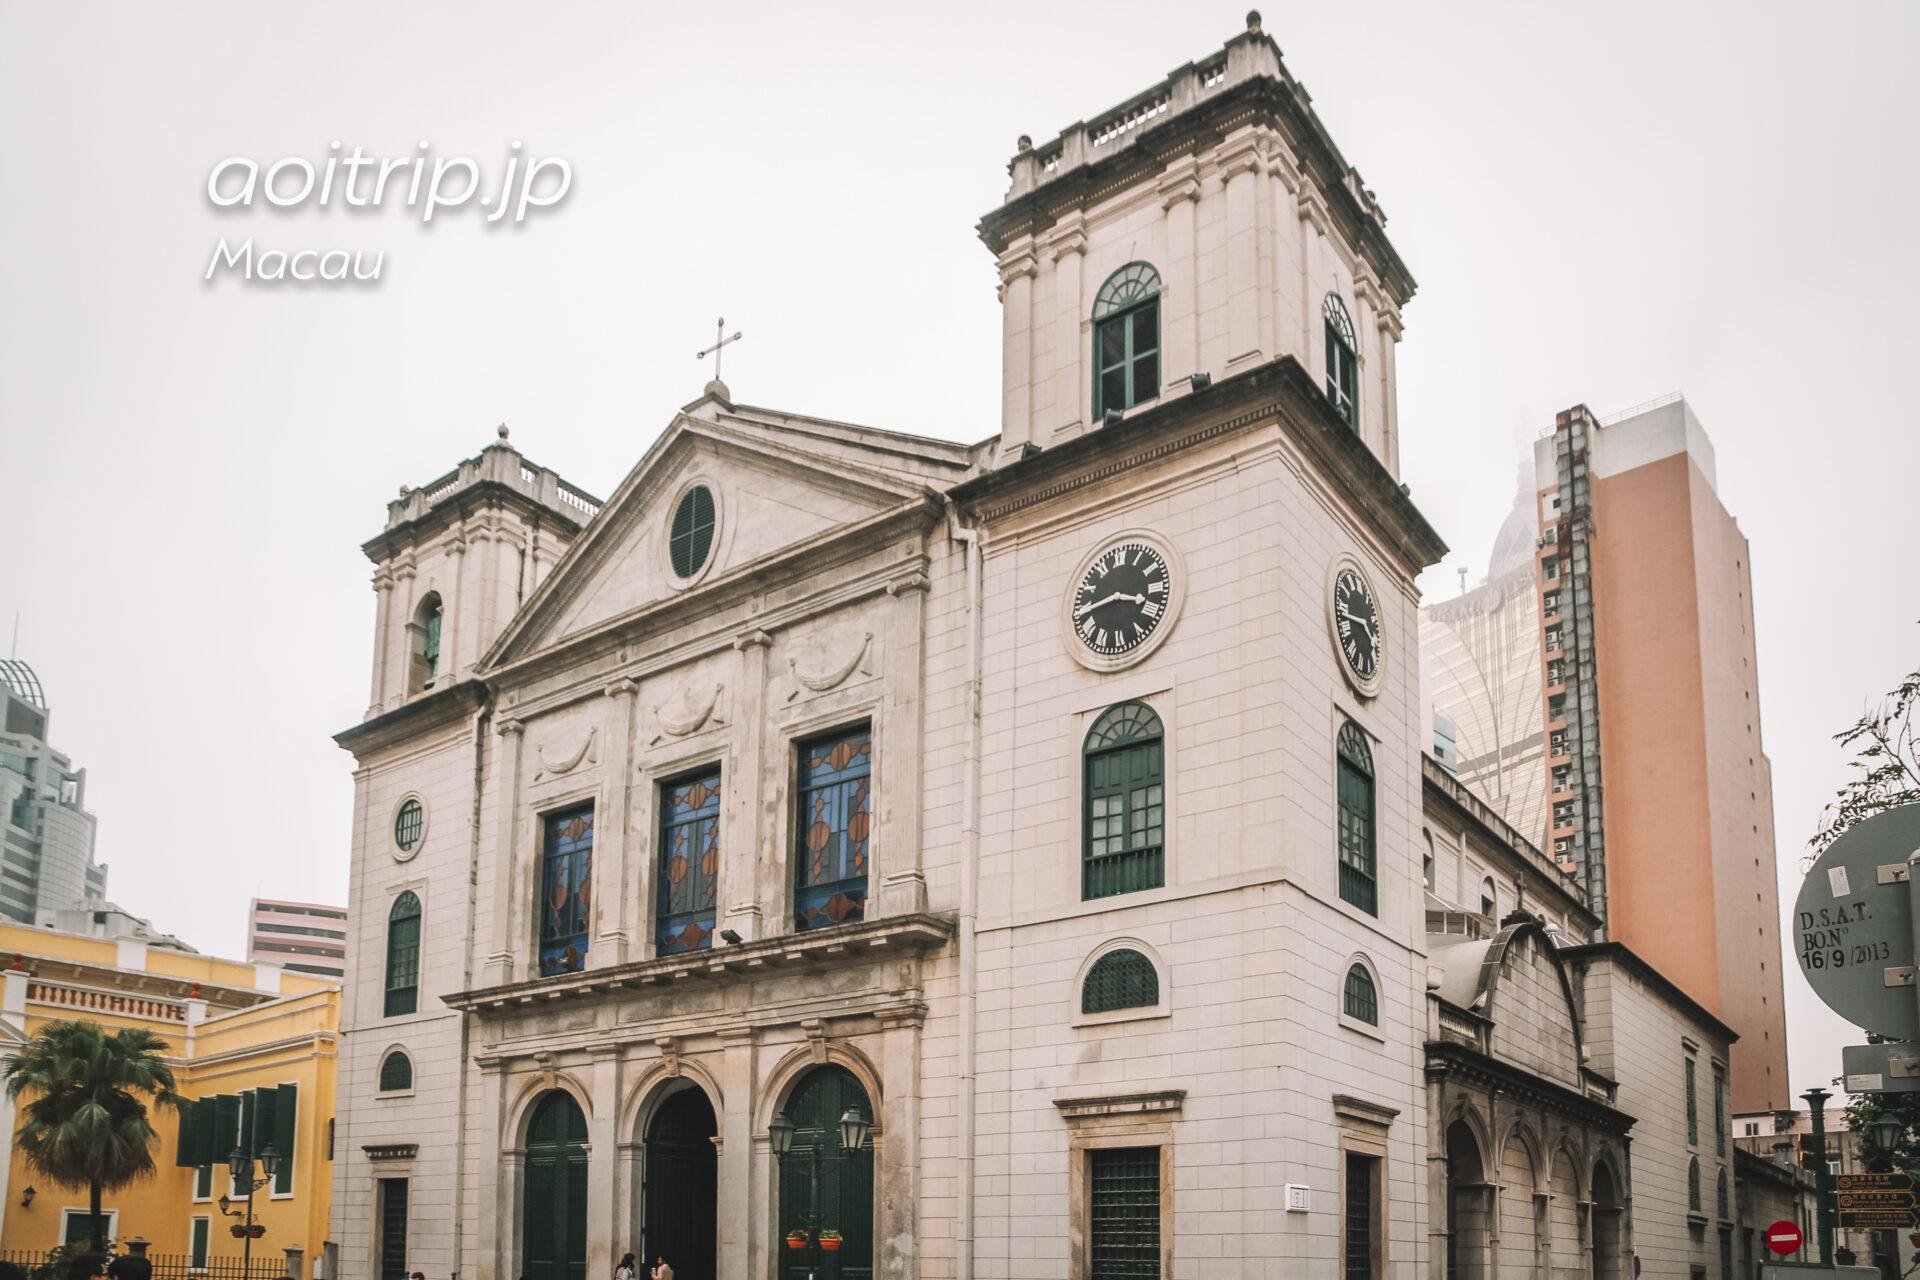 マカオ 大堂カテドラル The Cathedral